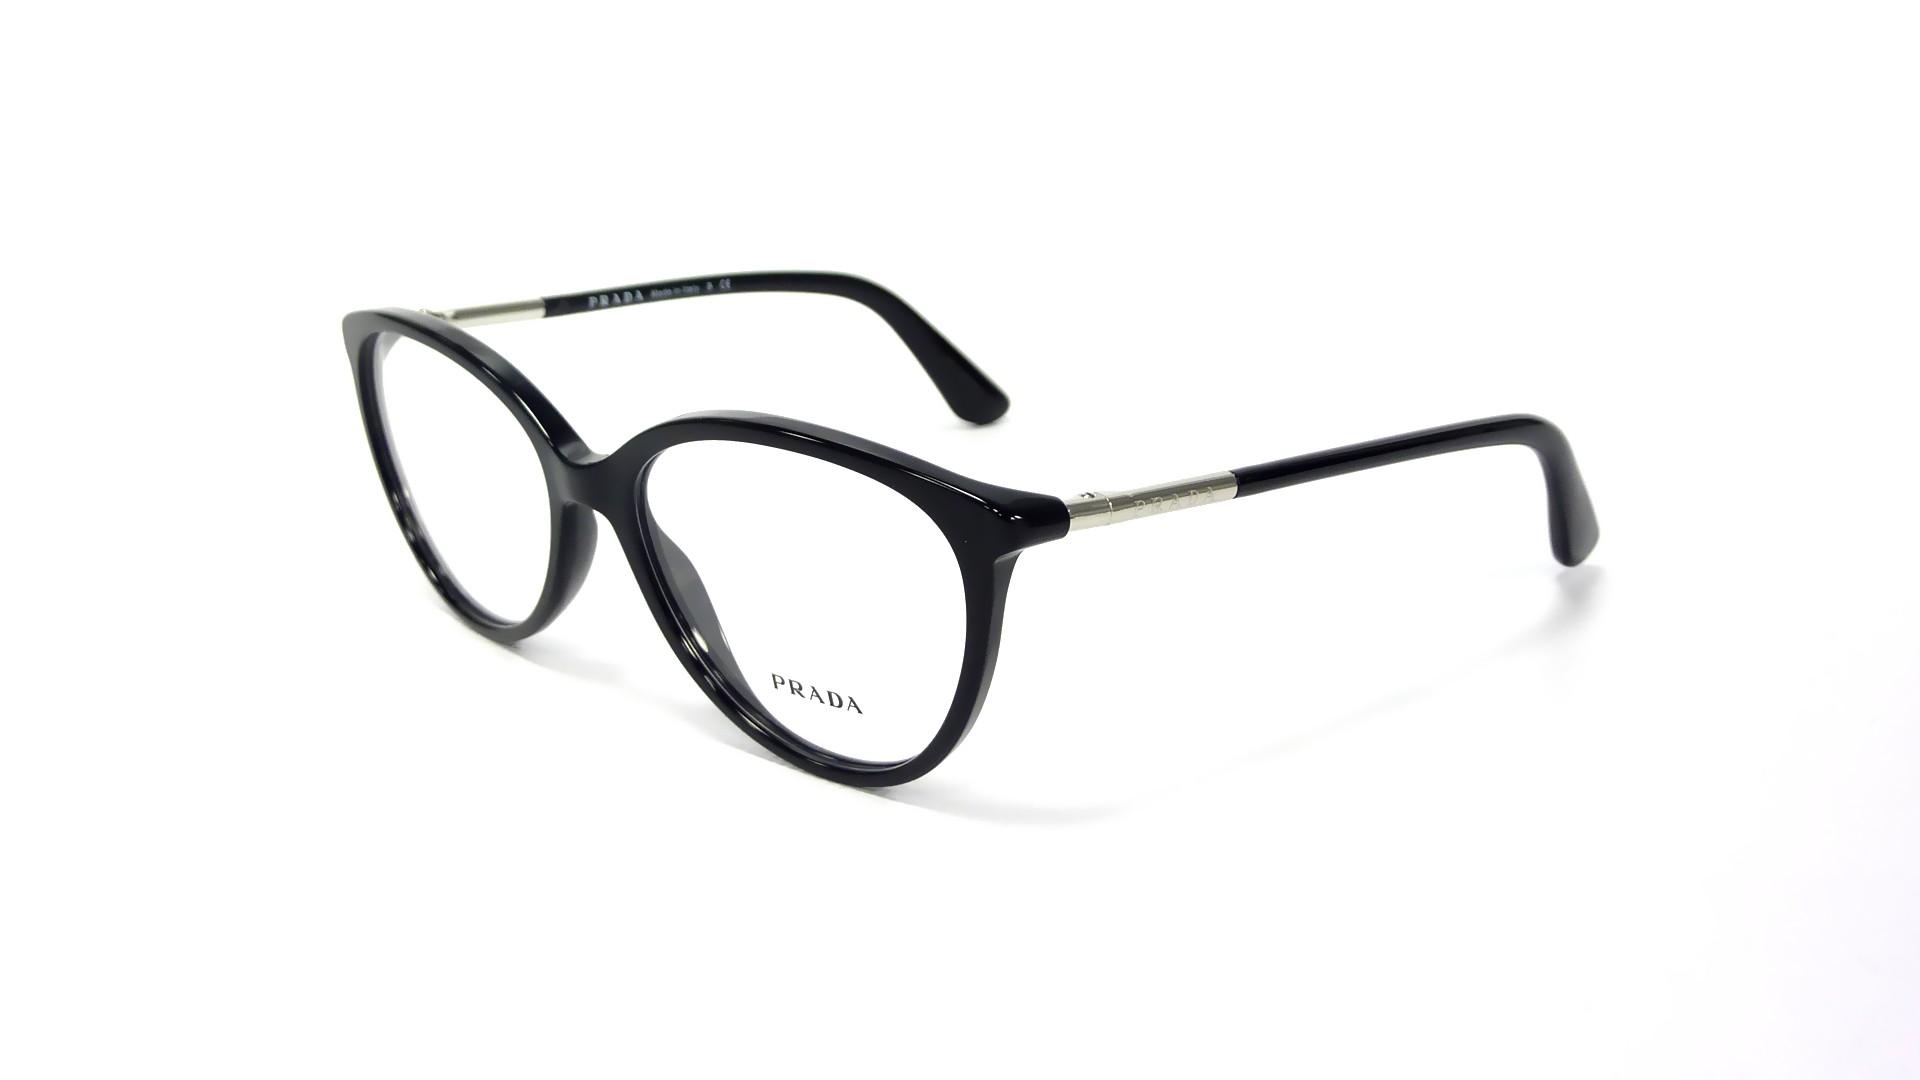 Correctrices De Krys 2016 lunettes Femme Lunettes Nage zLSpMVGqU